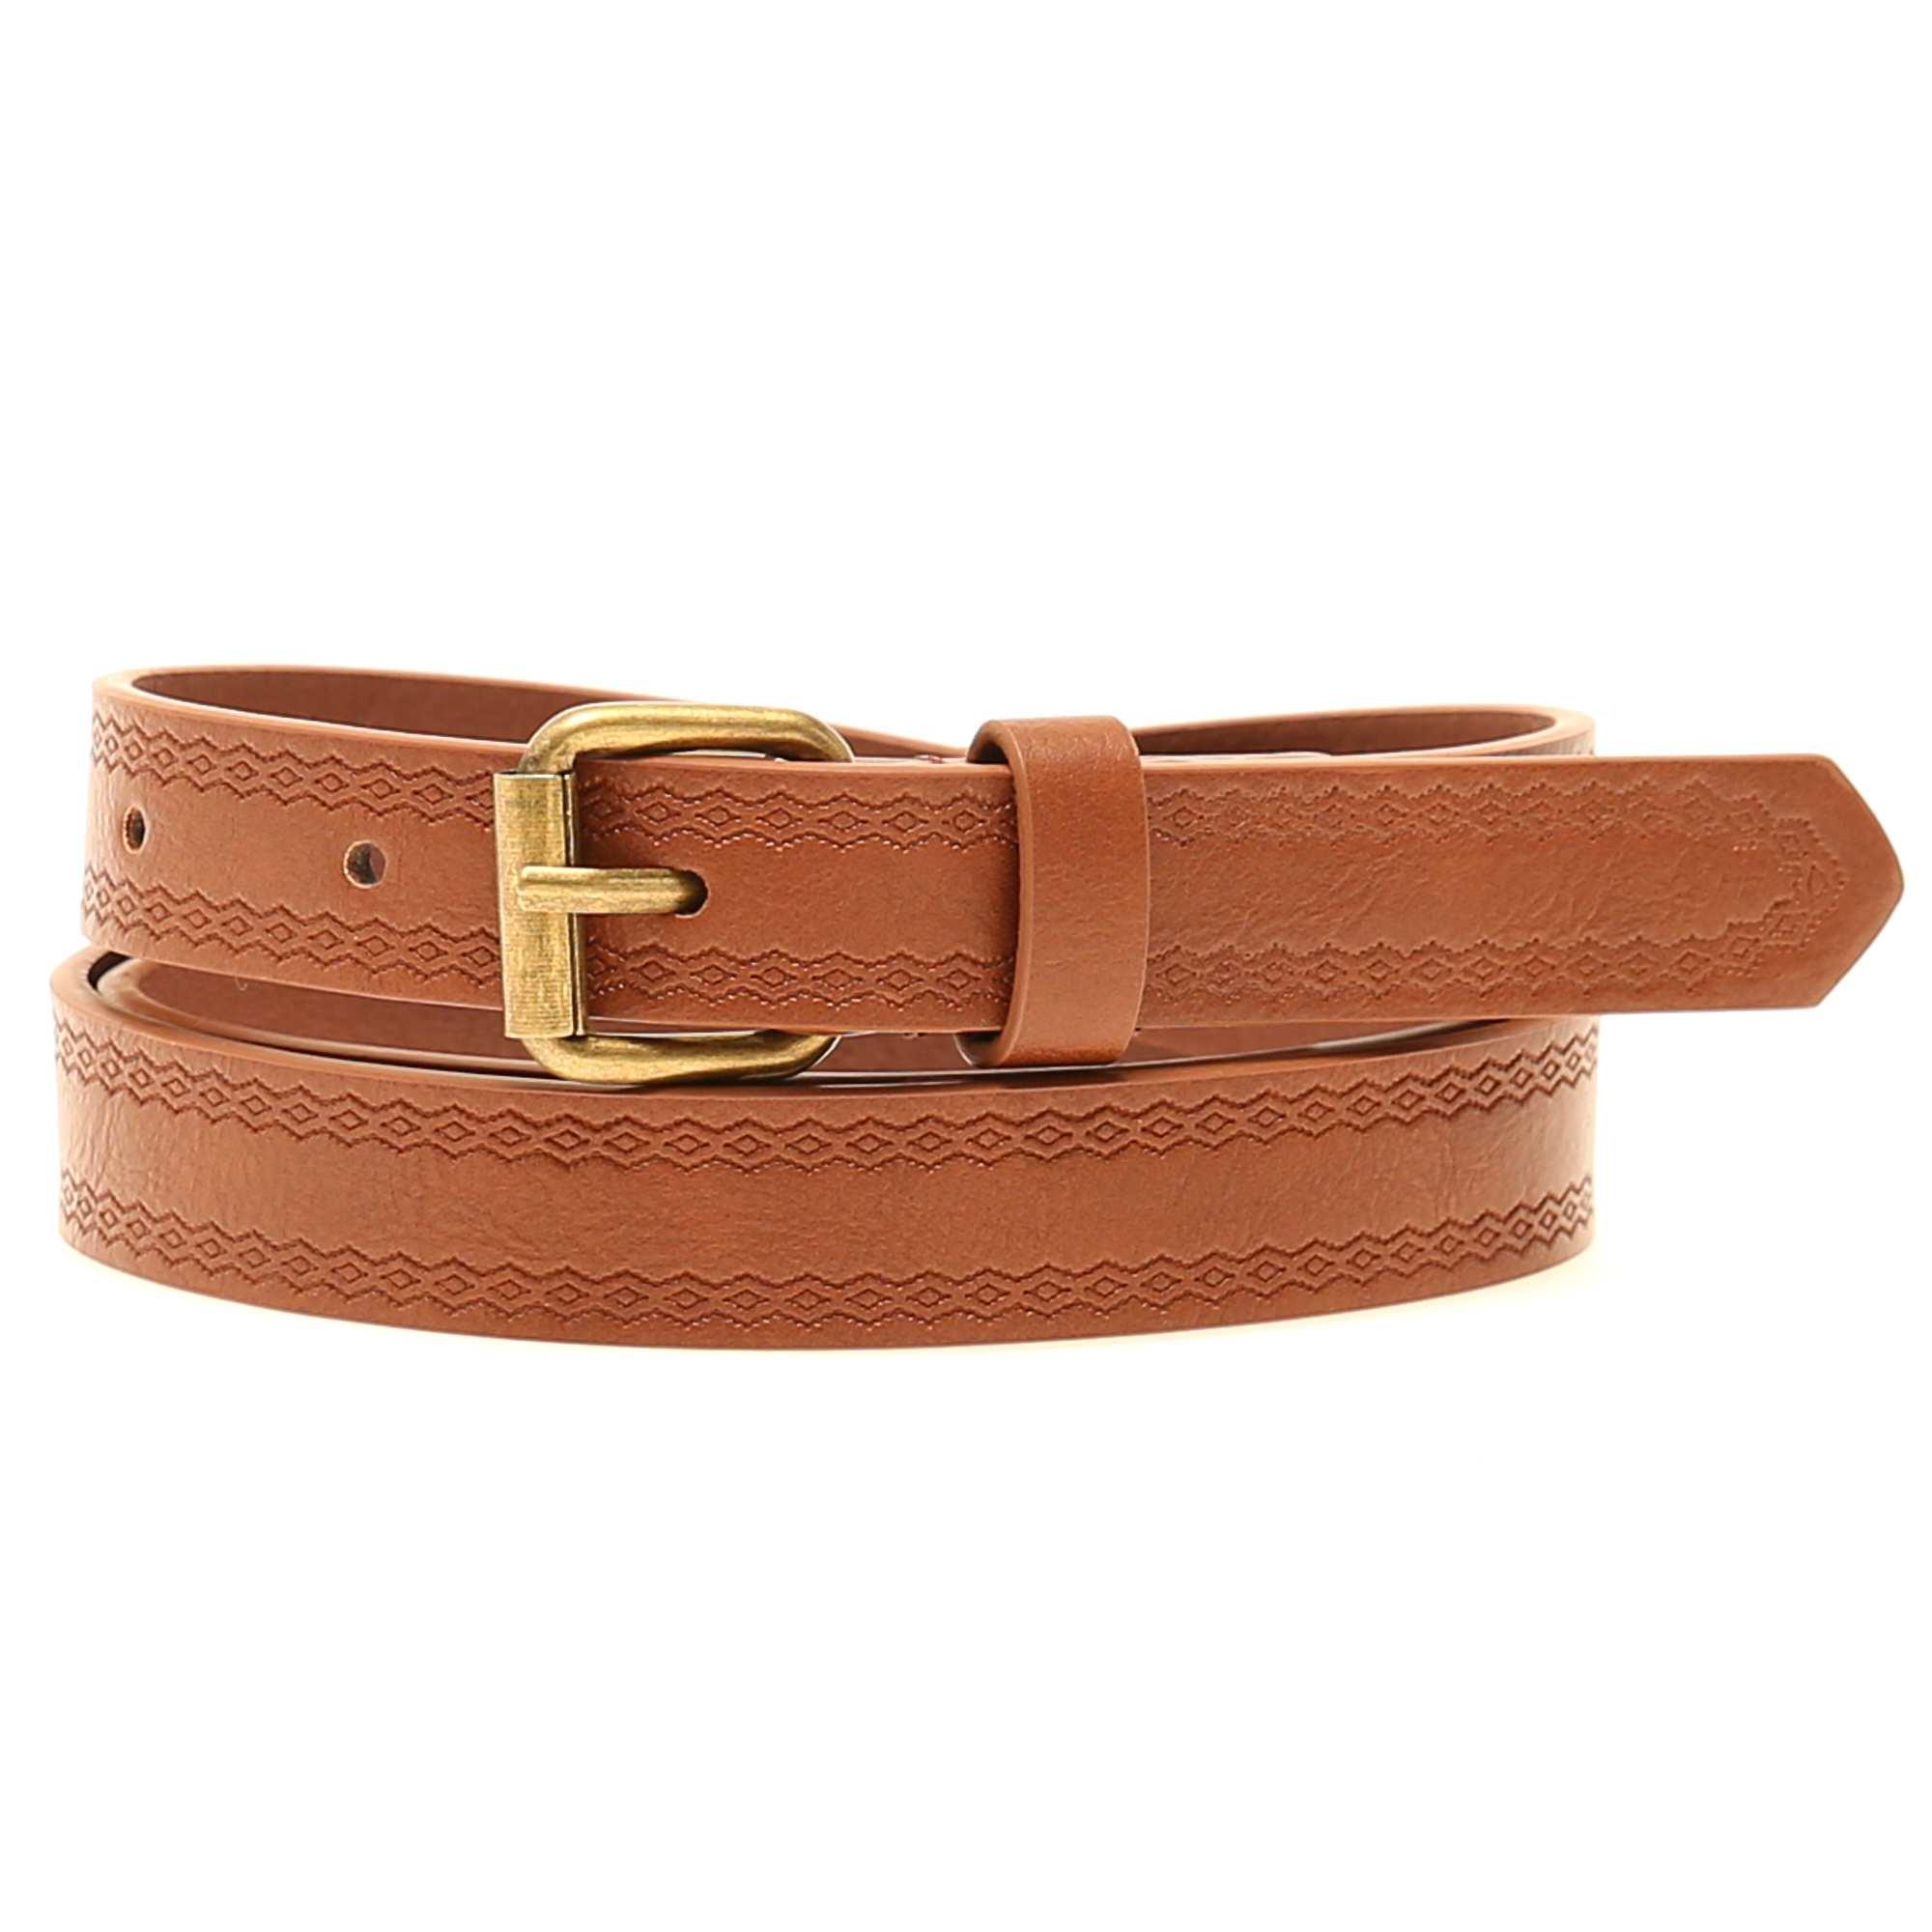 Couleur : noir, camel, ,, - Taille : S, XL, L,M,Vous pouvez compter sur la finesse de cette ceinture pour accessoiriser votre tenue